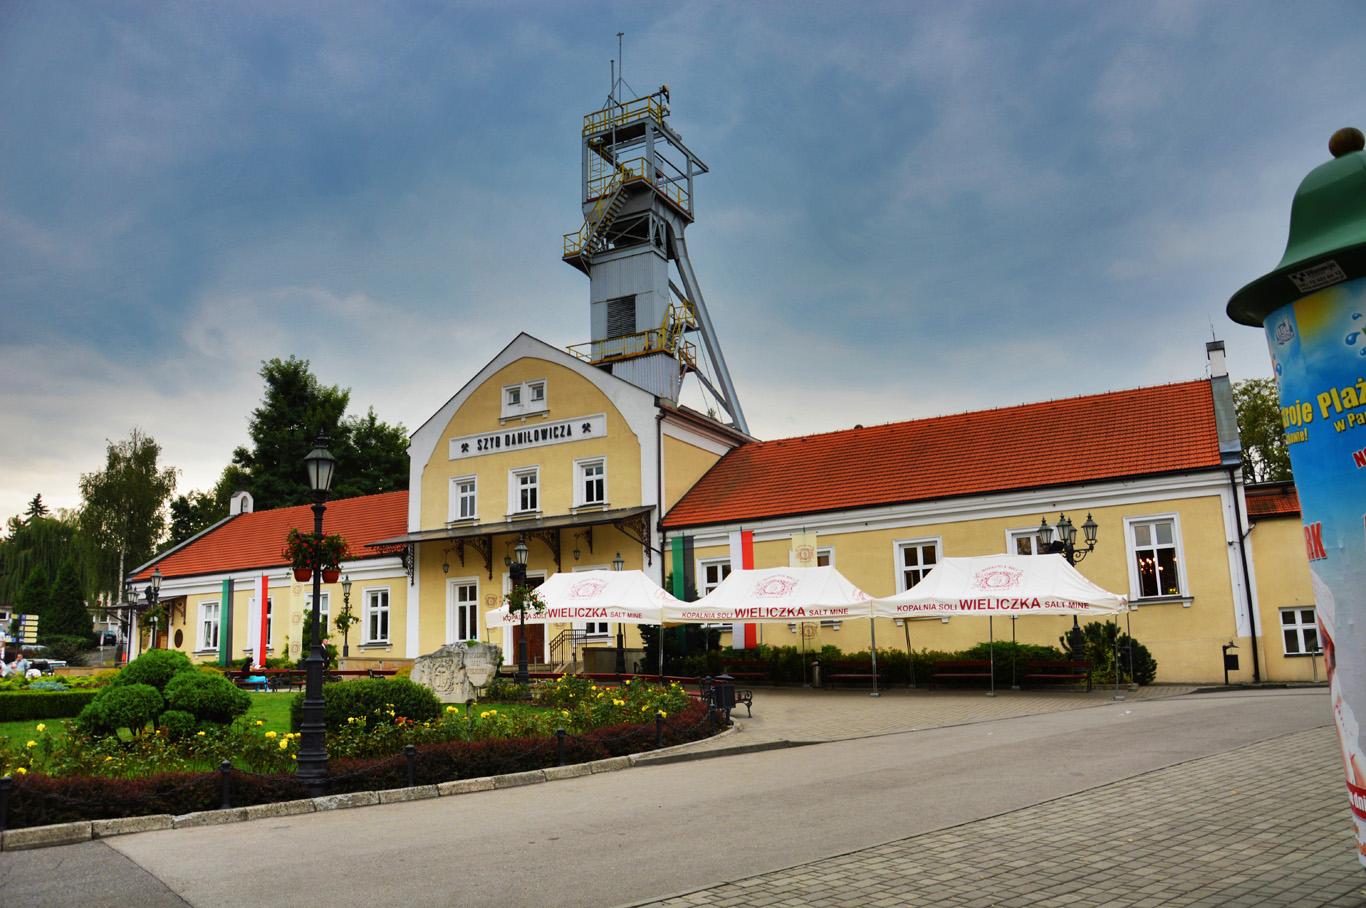 Wieliczka Salt Mine building